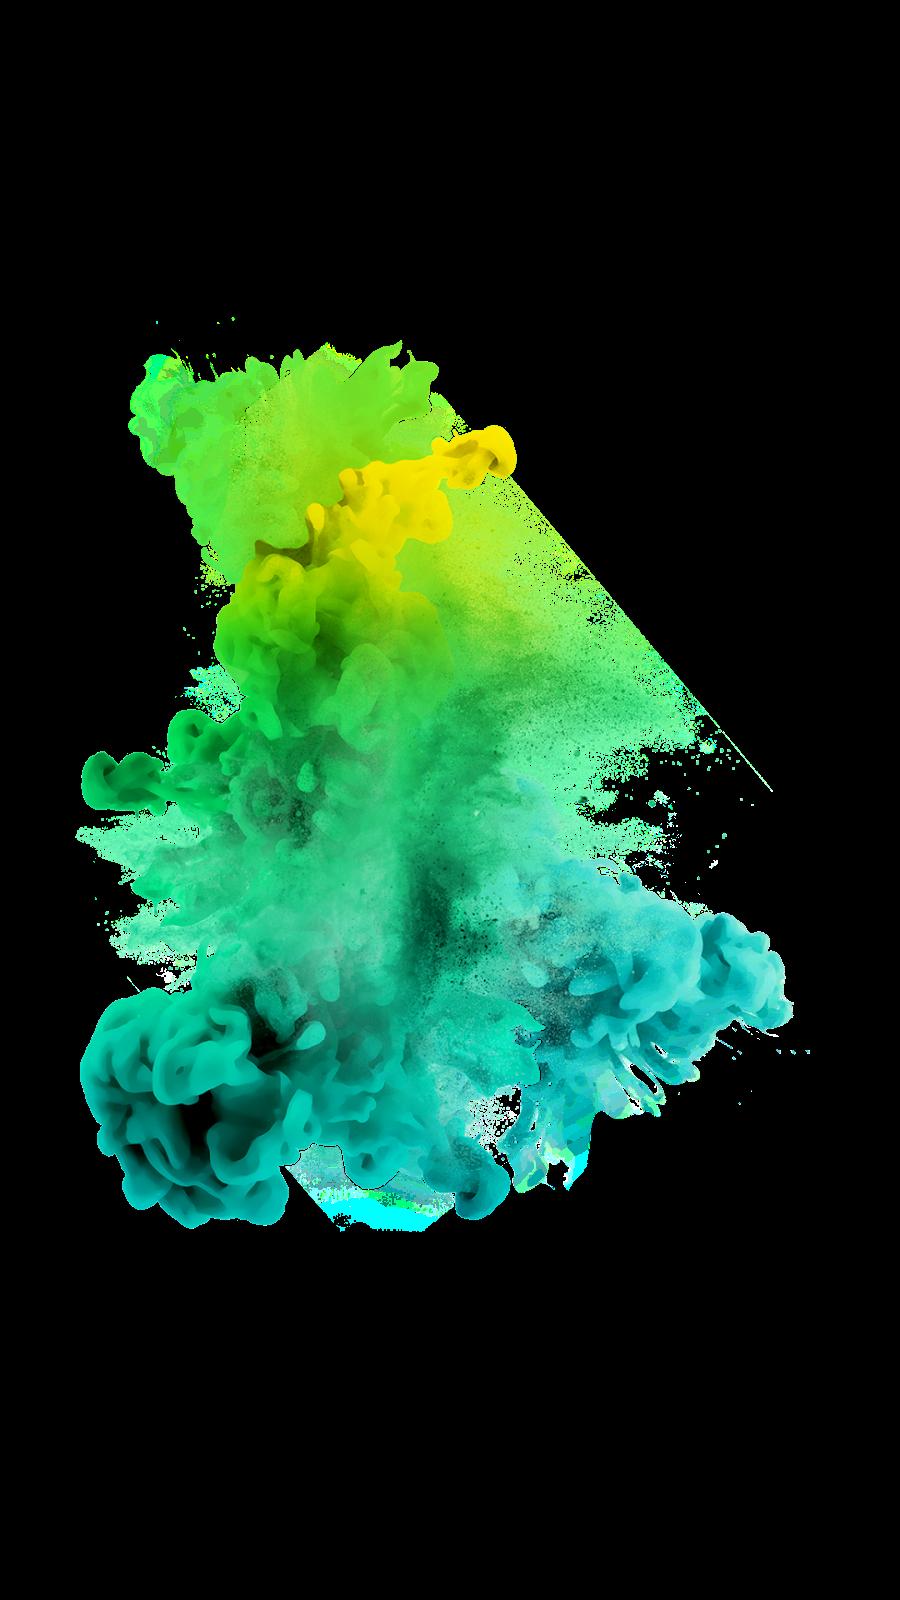 Ilustração Fumaça PNG - Imagem fumaça colorida para baixar ...